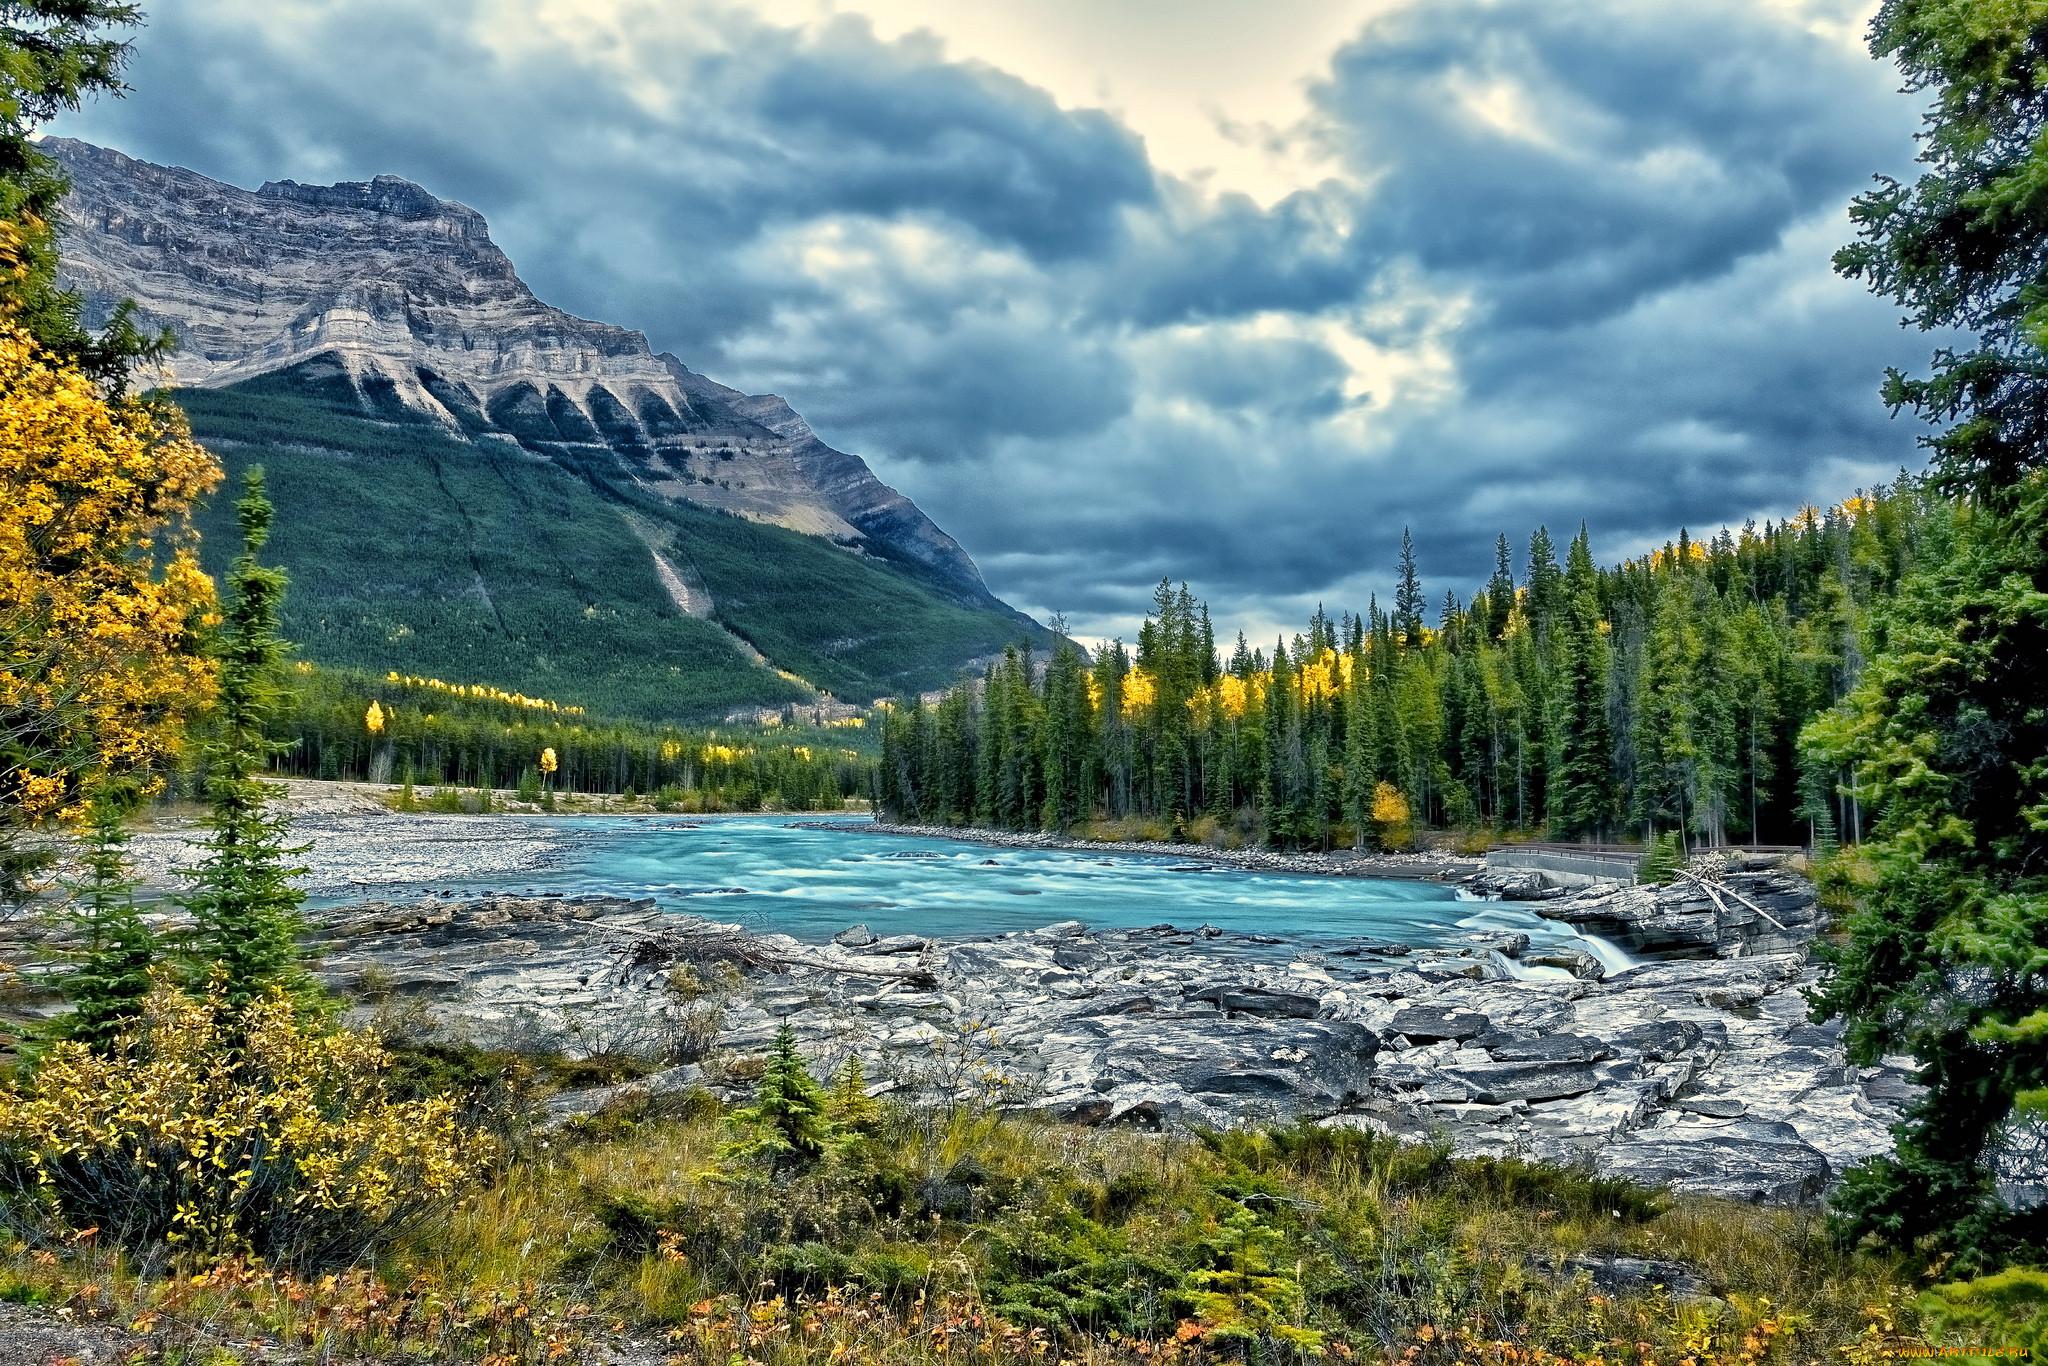 городе много горы с реками картинки забыть